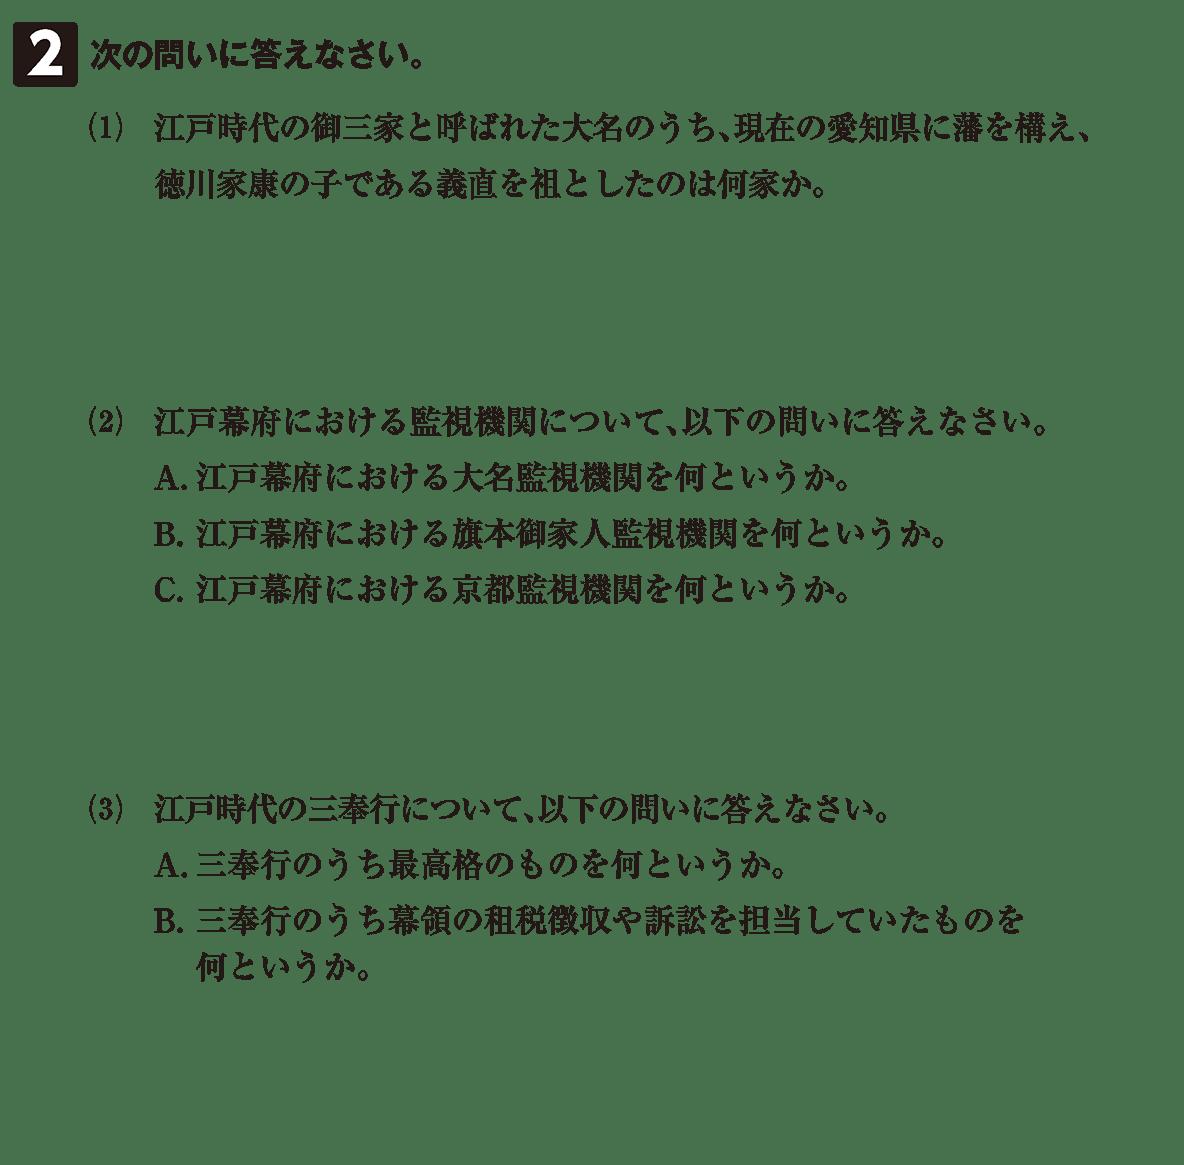 近世18 問題2 問題